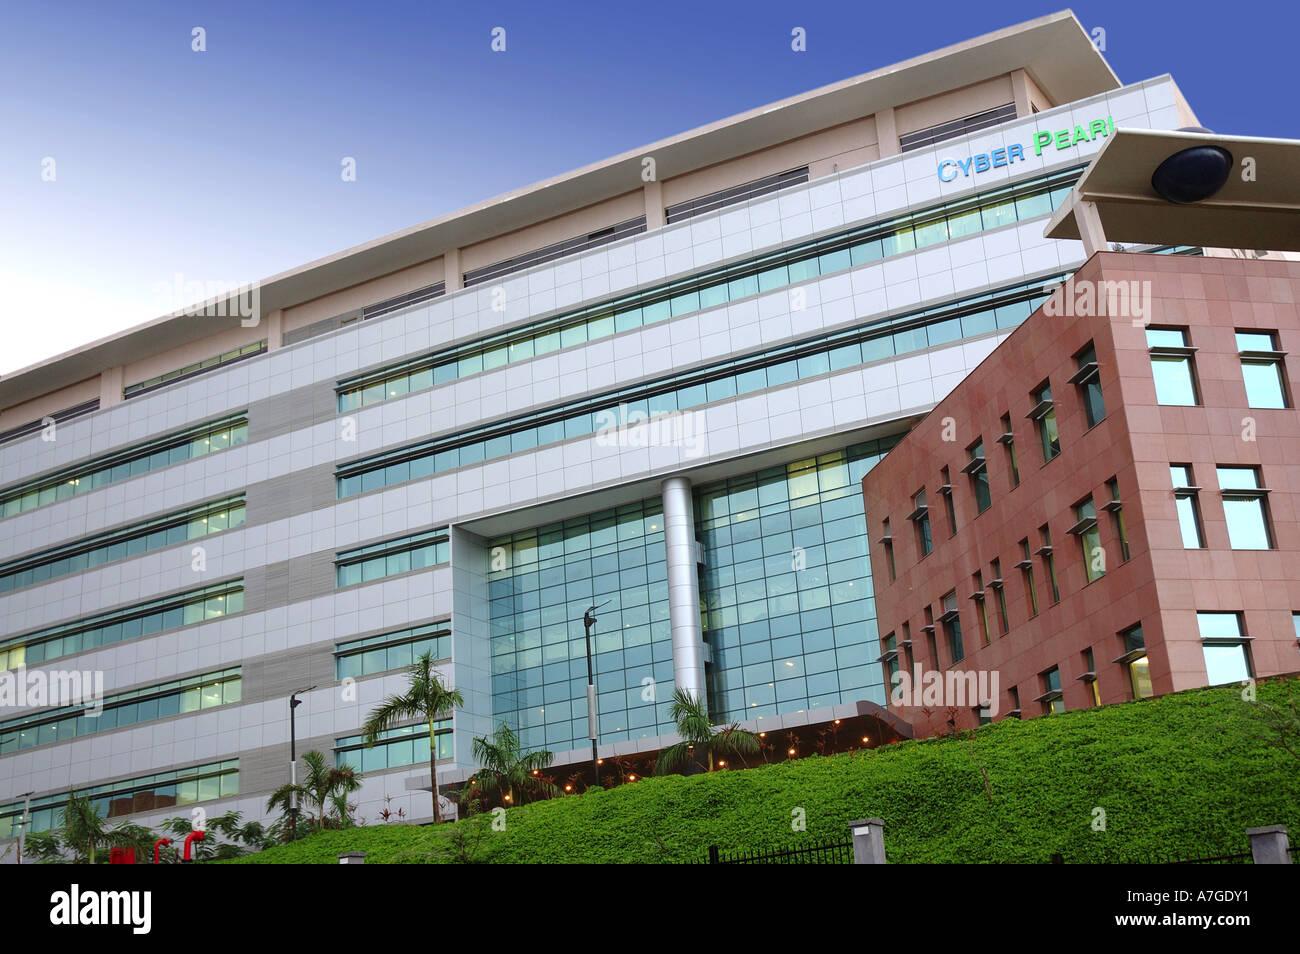 ANG77662 edificio moderno Cyber Pearl a Hi-tech Hydrabad città di Andhra Pradesh in India Immagini Stock